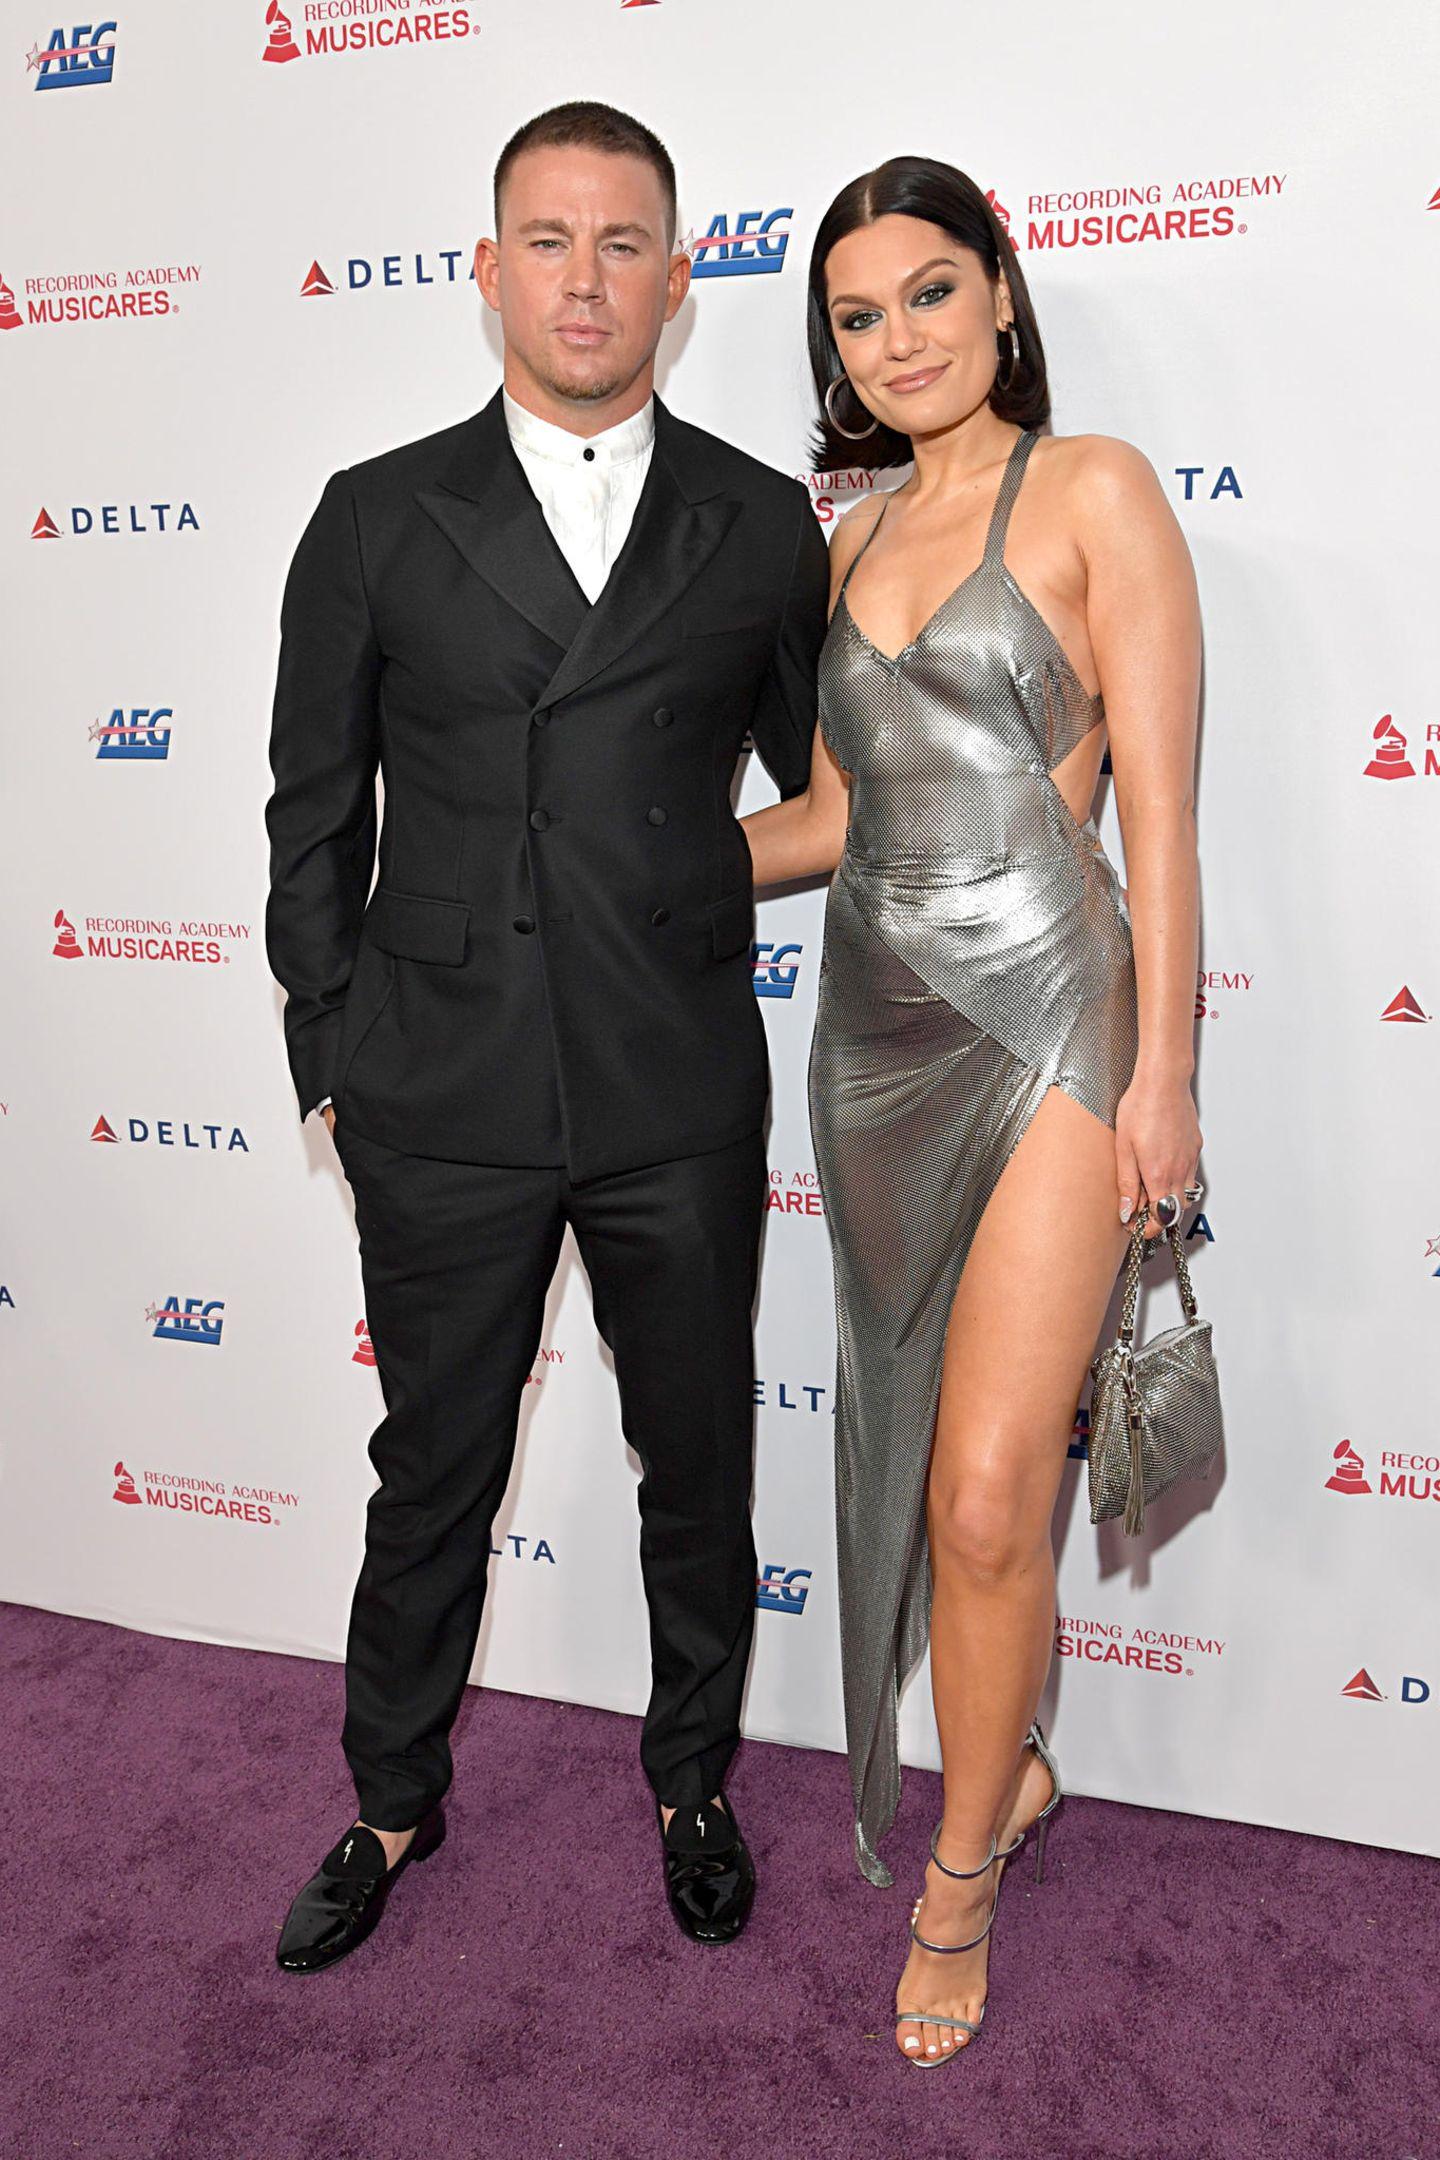 """Bei den """"MusiCares person of the year""""-Awards trägt Jessie J ein aufregendes silberfarbenes Kleid – und das schönste Accessoire hat sie am Arm: Nicht ihre Tasche, sondern Boyfriend Channing Tatum, mit dem sie hier ihren ersten öffentlichen Paar-Auftritt nach der kurzen Beziehungspause hat."""